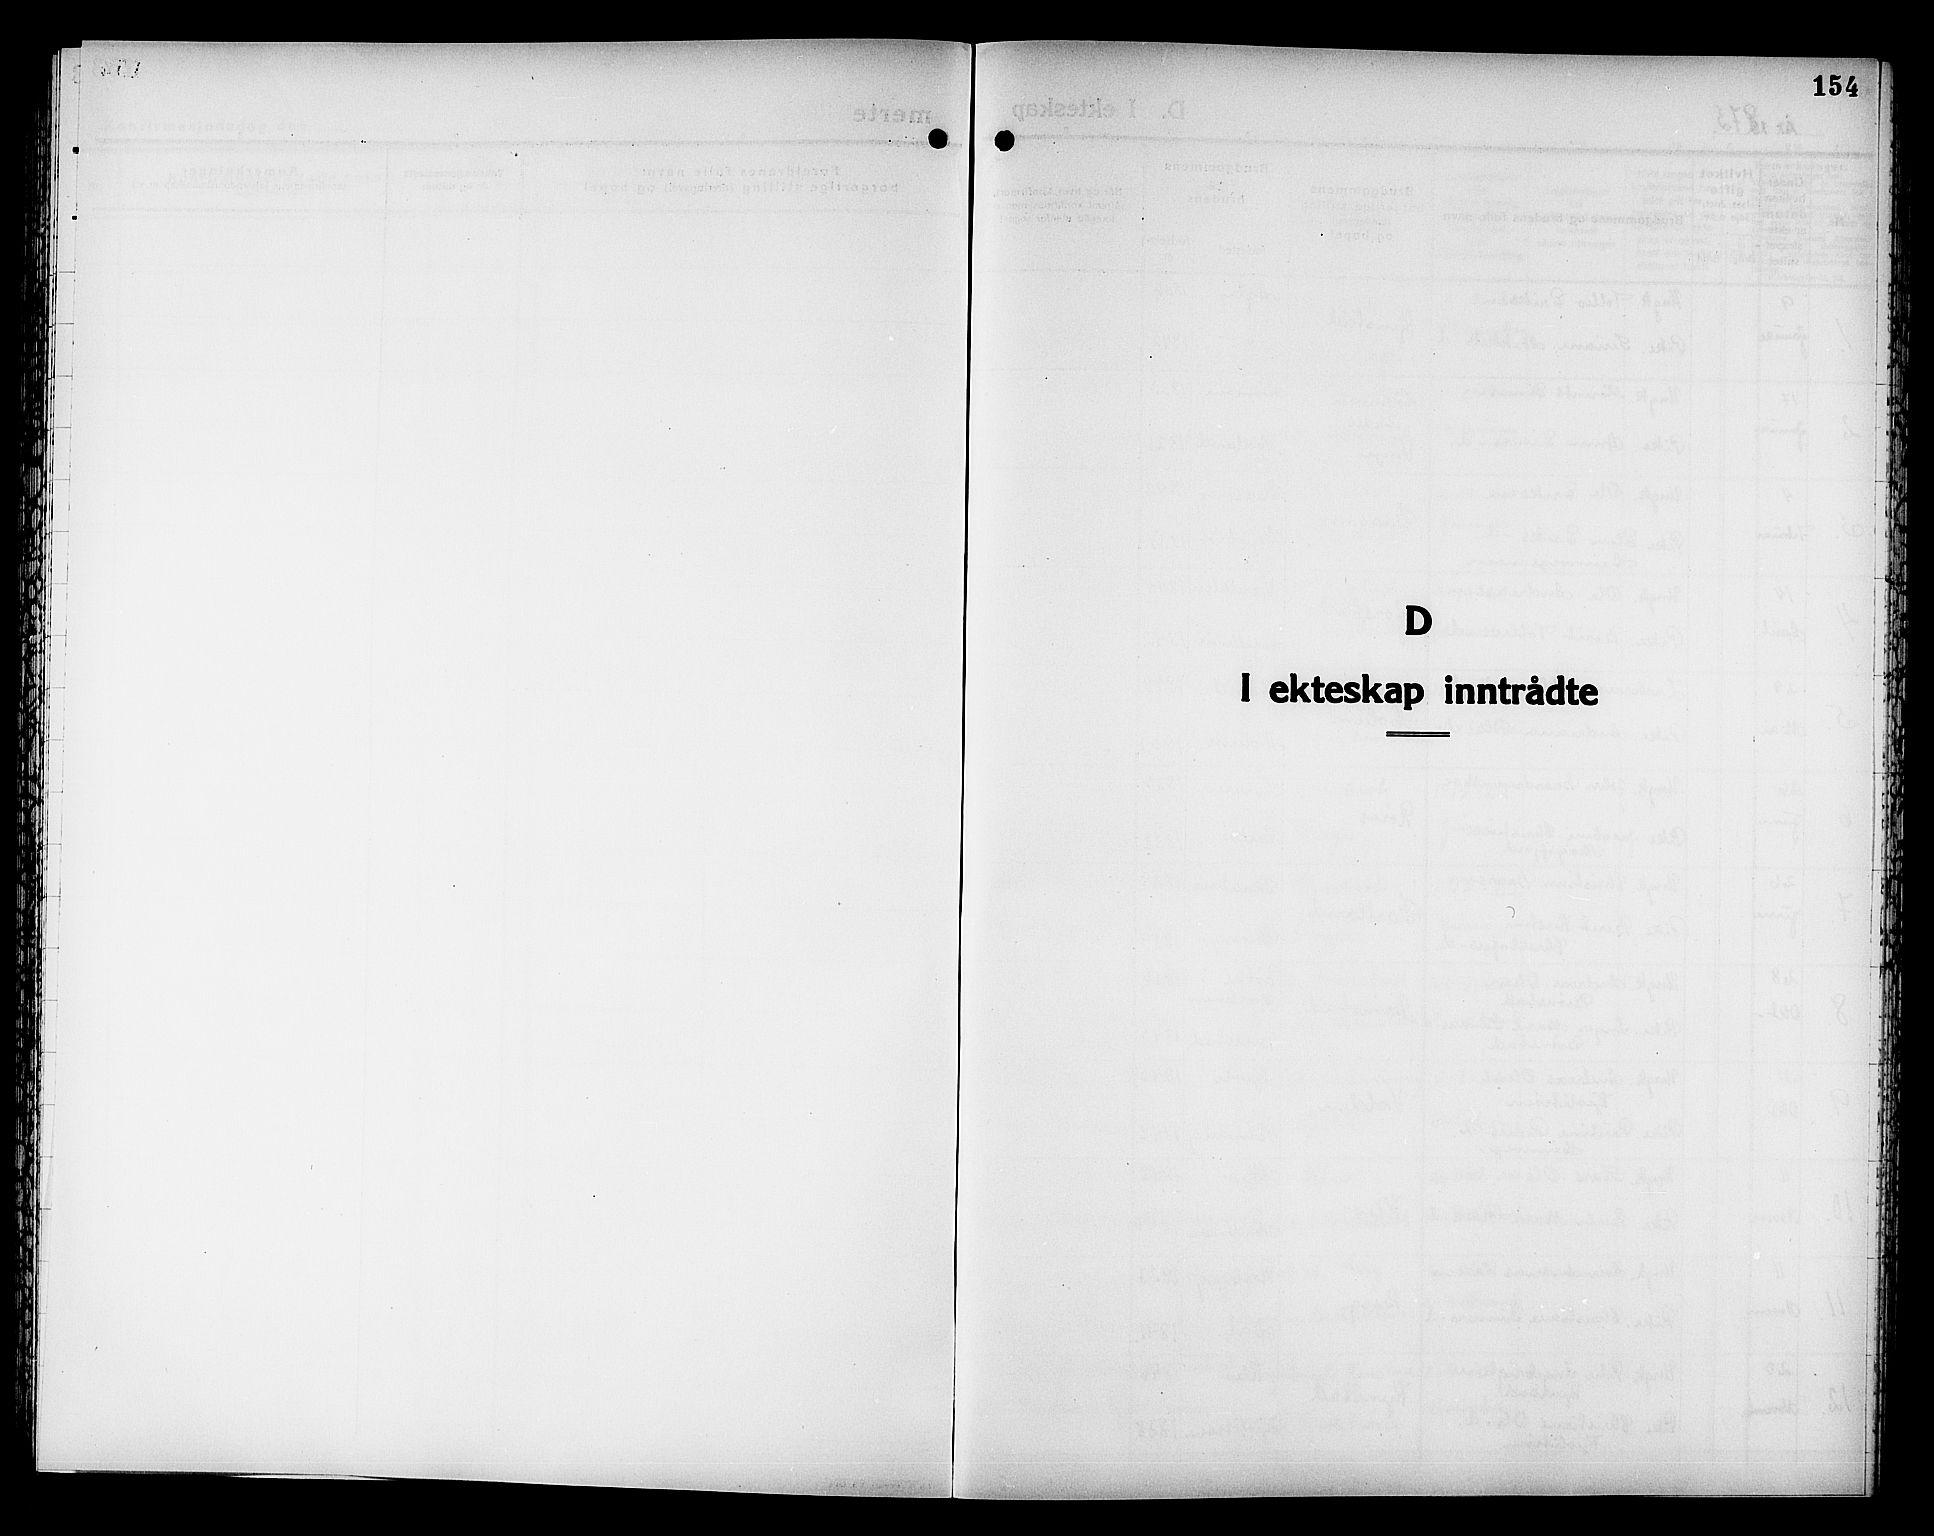 SAT, Ministerialprotokoller, klokkerbøker og fødselsregistre - Nord-Trøndelag, 749/L0486: Ministerialbok nr. 749D02, 1873-1887, s. 154